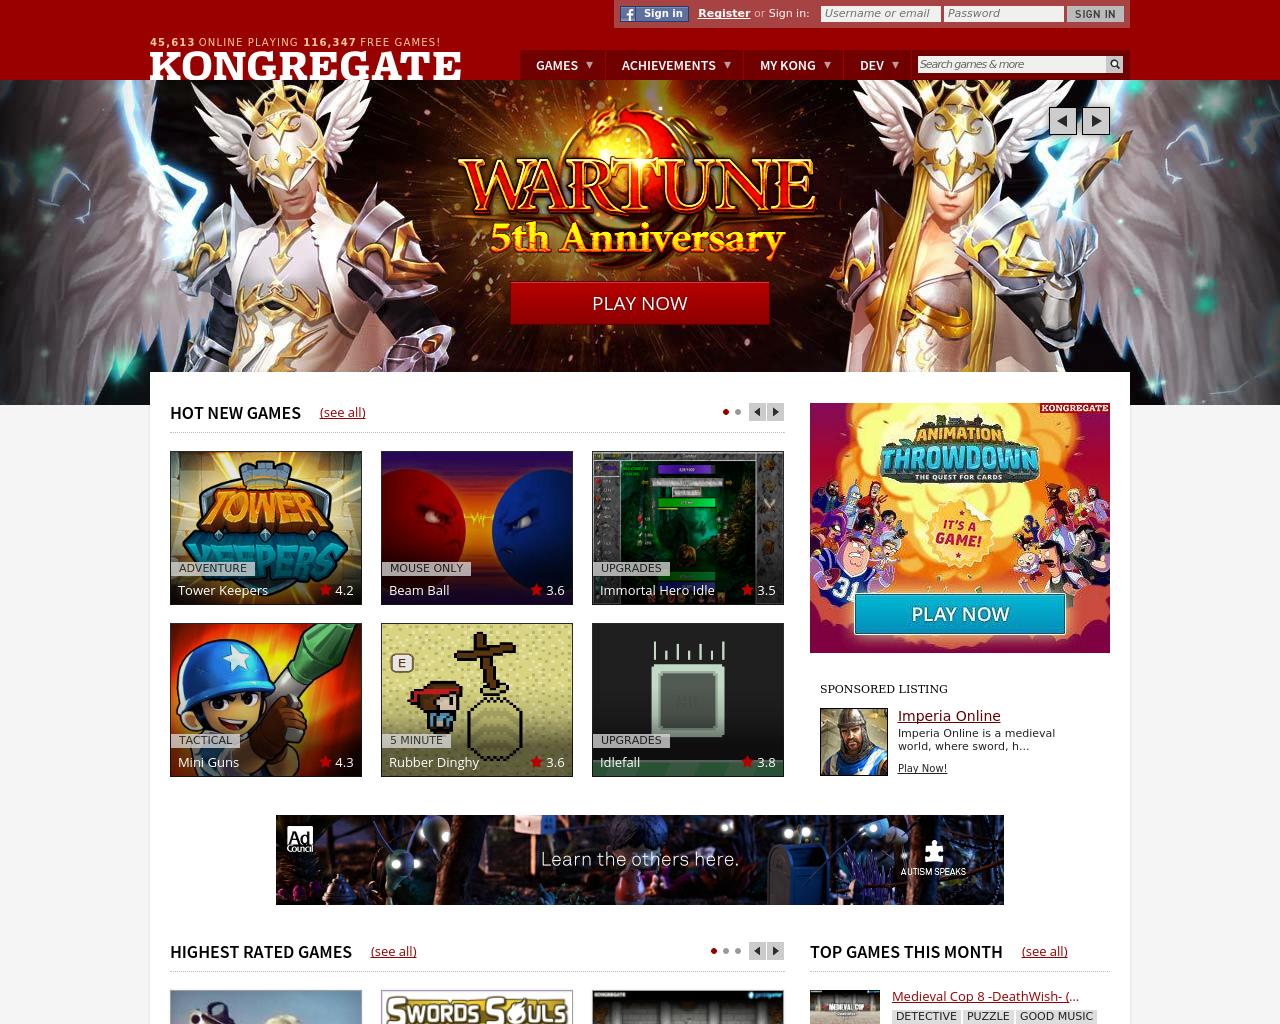 Kongregate-Advertising-Reviews-Pricing